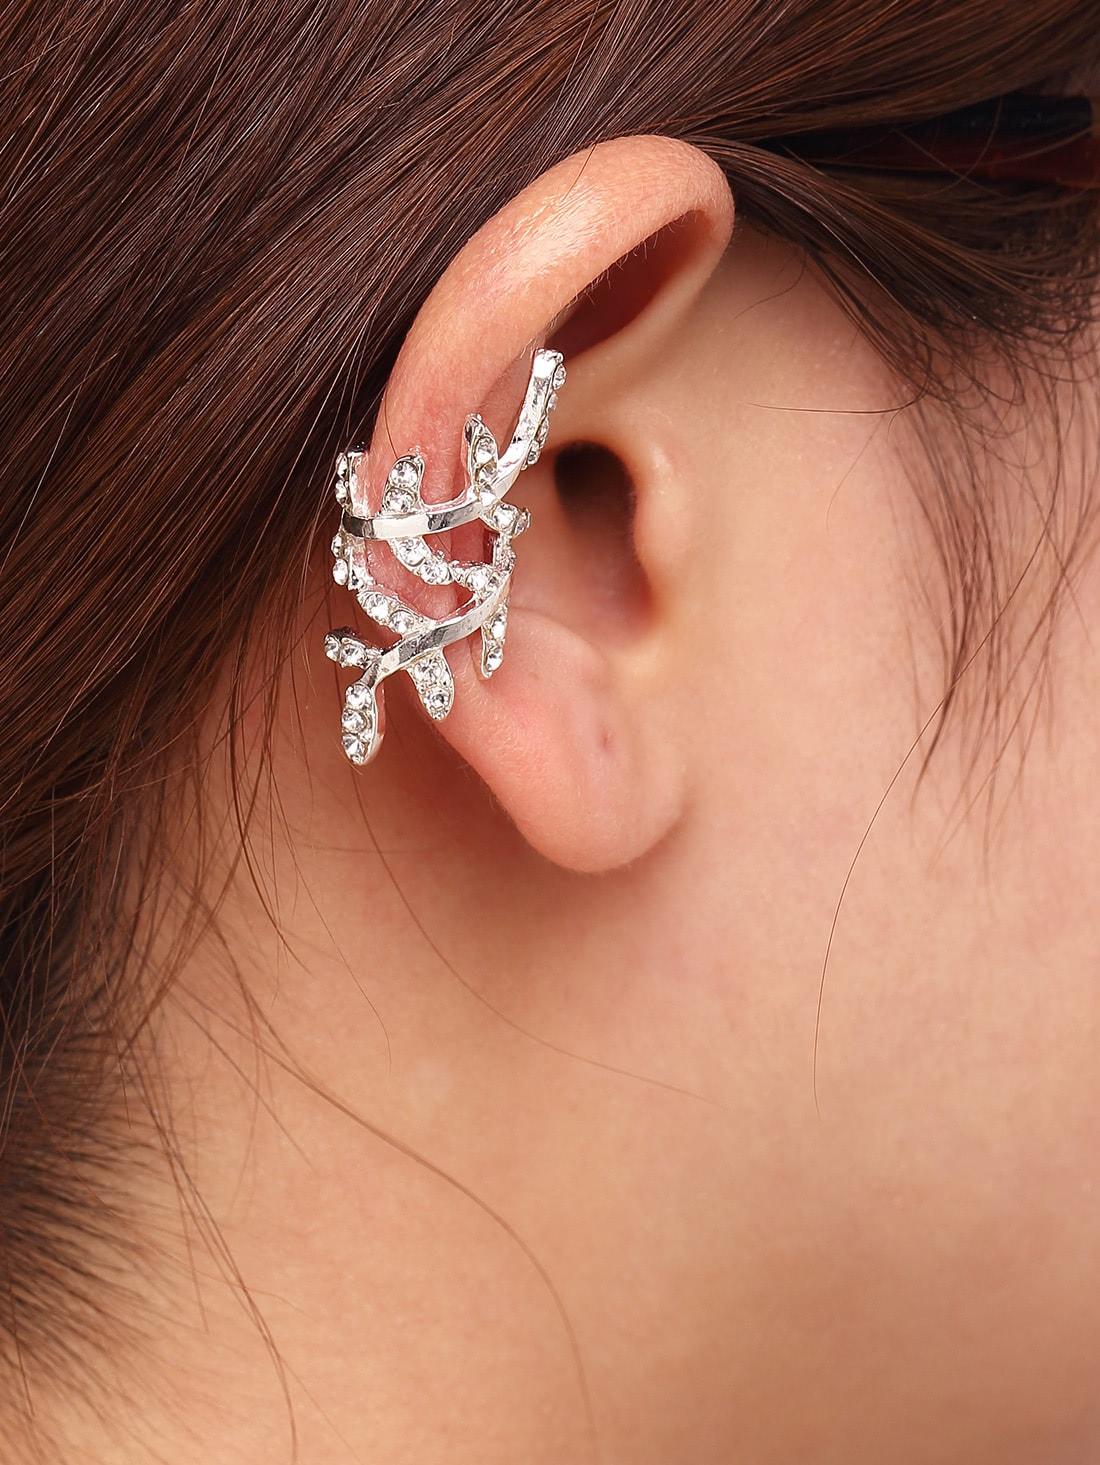 Rhinestone Leaf Shaped Ear Cuff 1Pcs leaf rhinestone ear cuff and stud earring